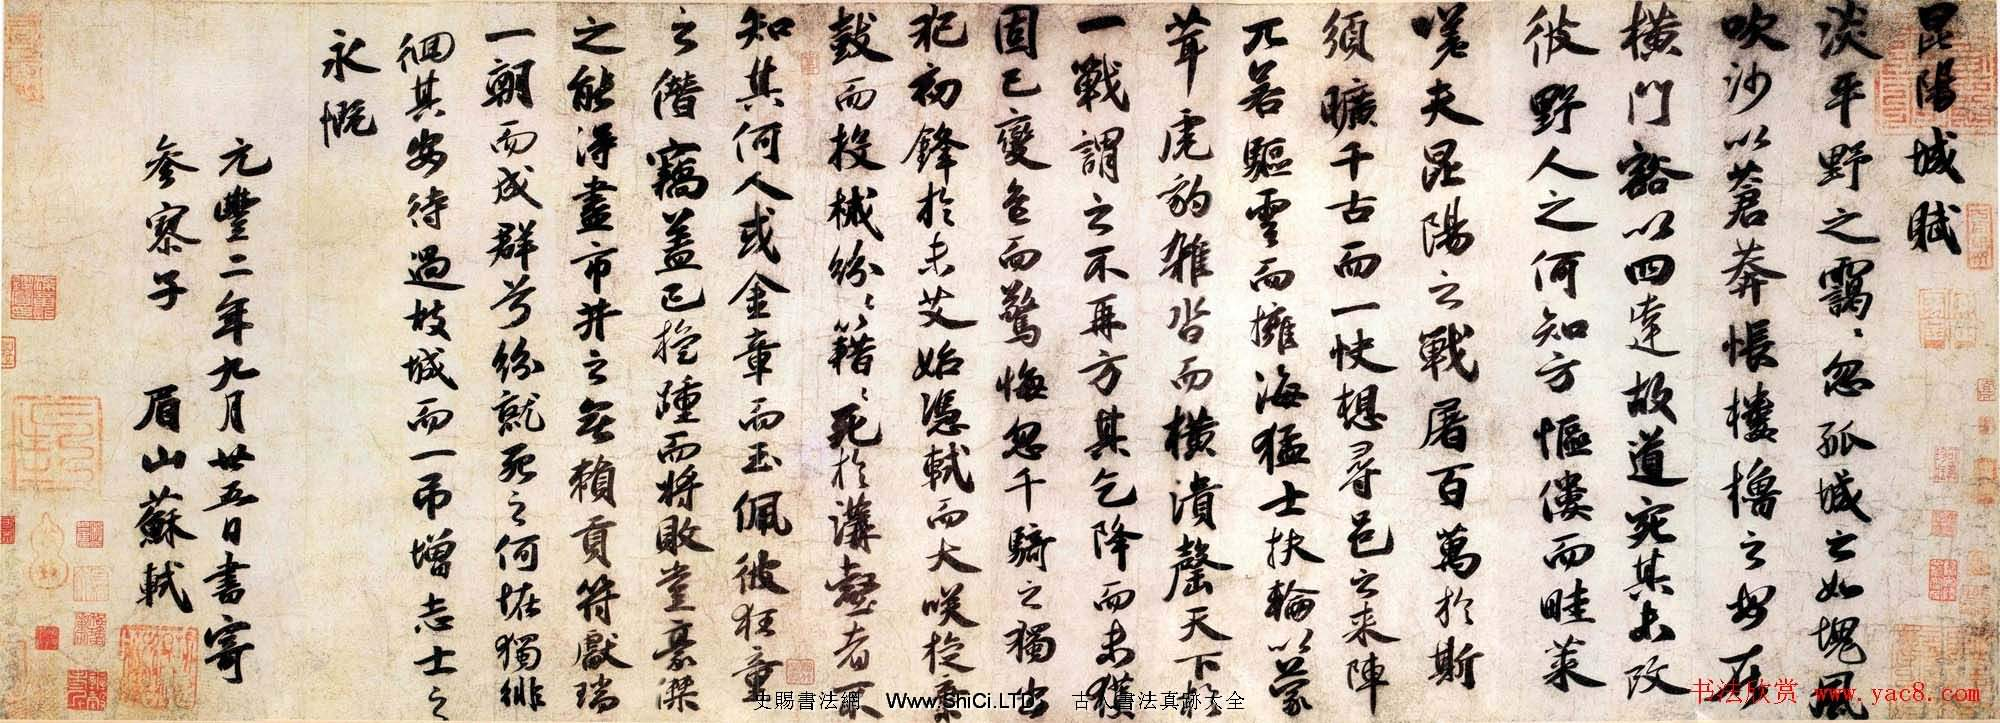 蘇軾書法作品真跡欣賞《昆陽城賦卷》(共6張圖片)